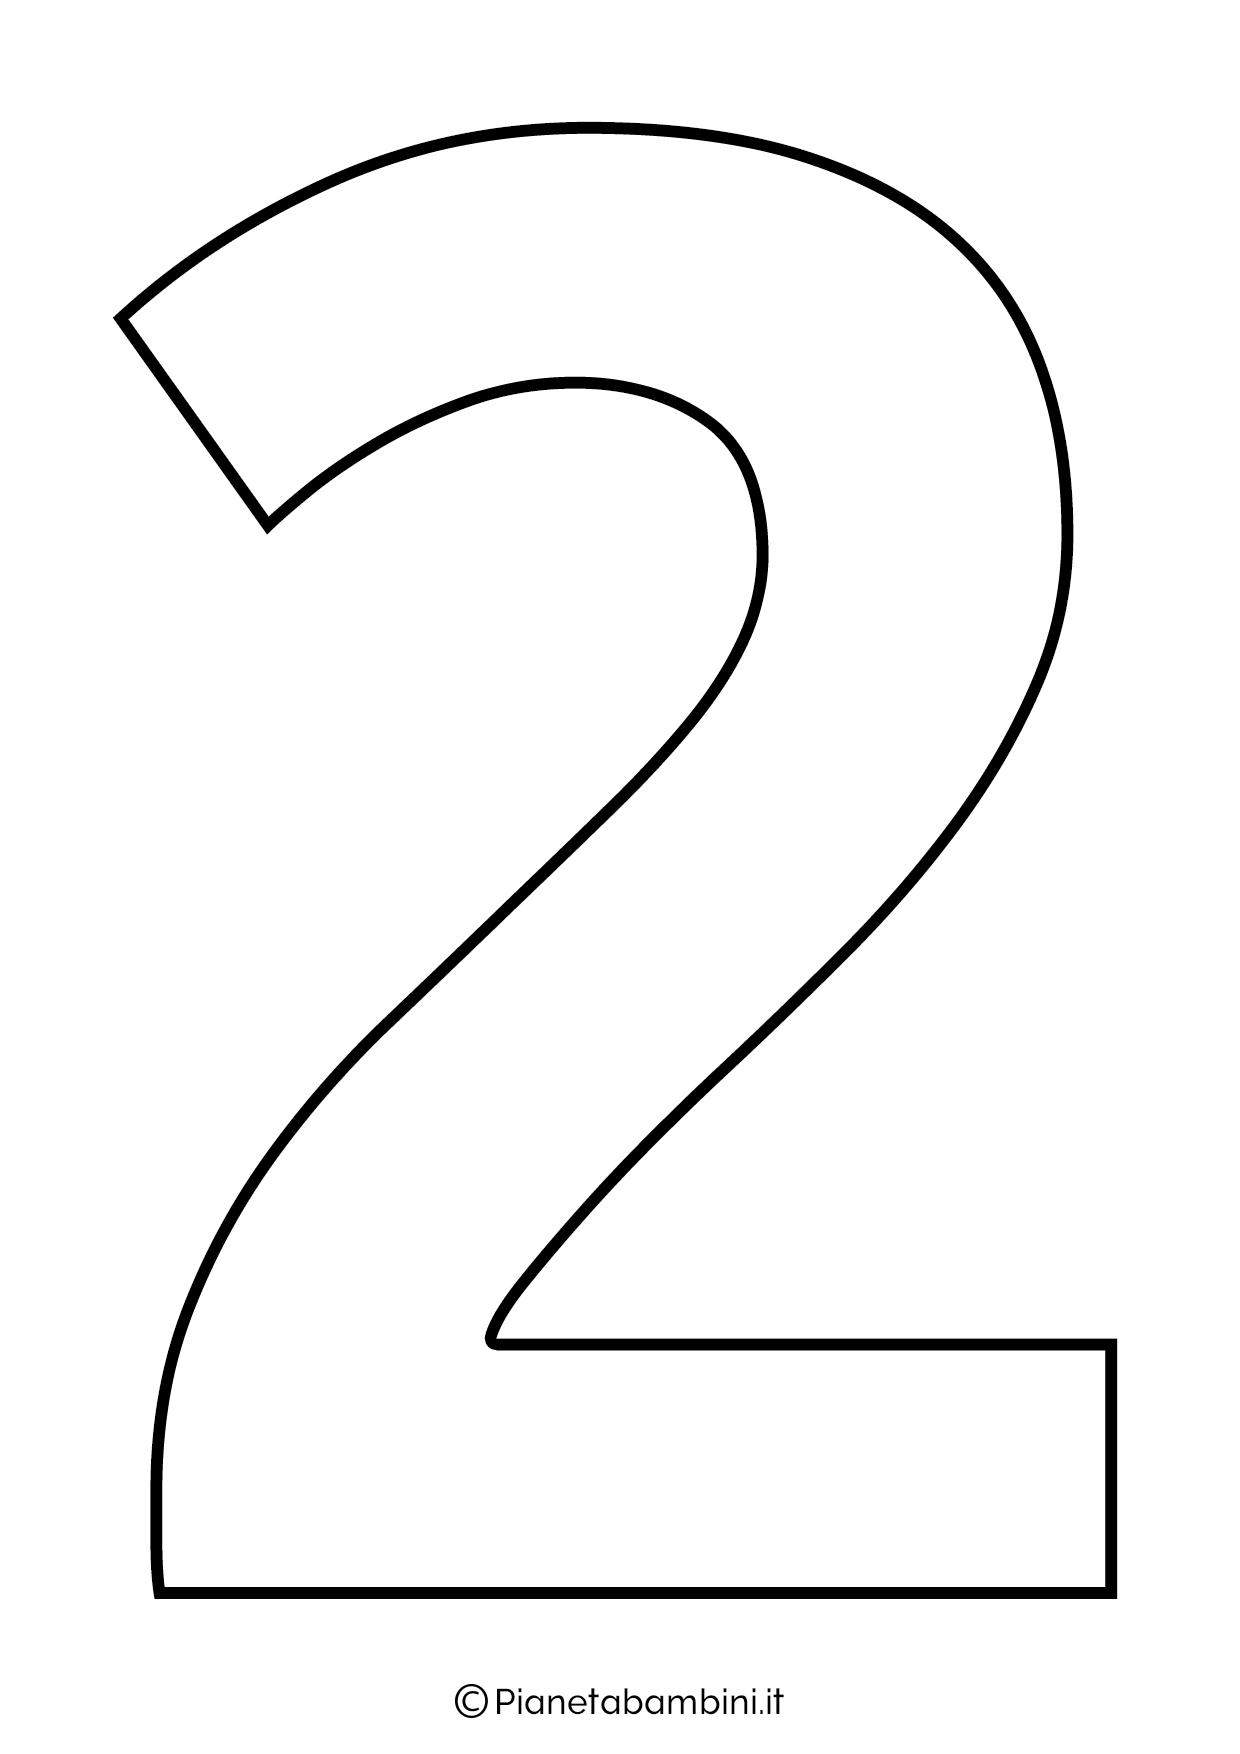 Numero 2 da stampare